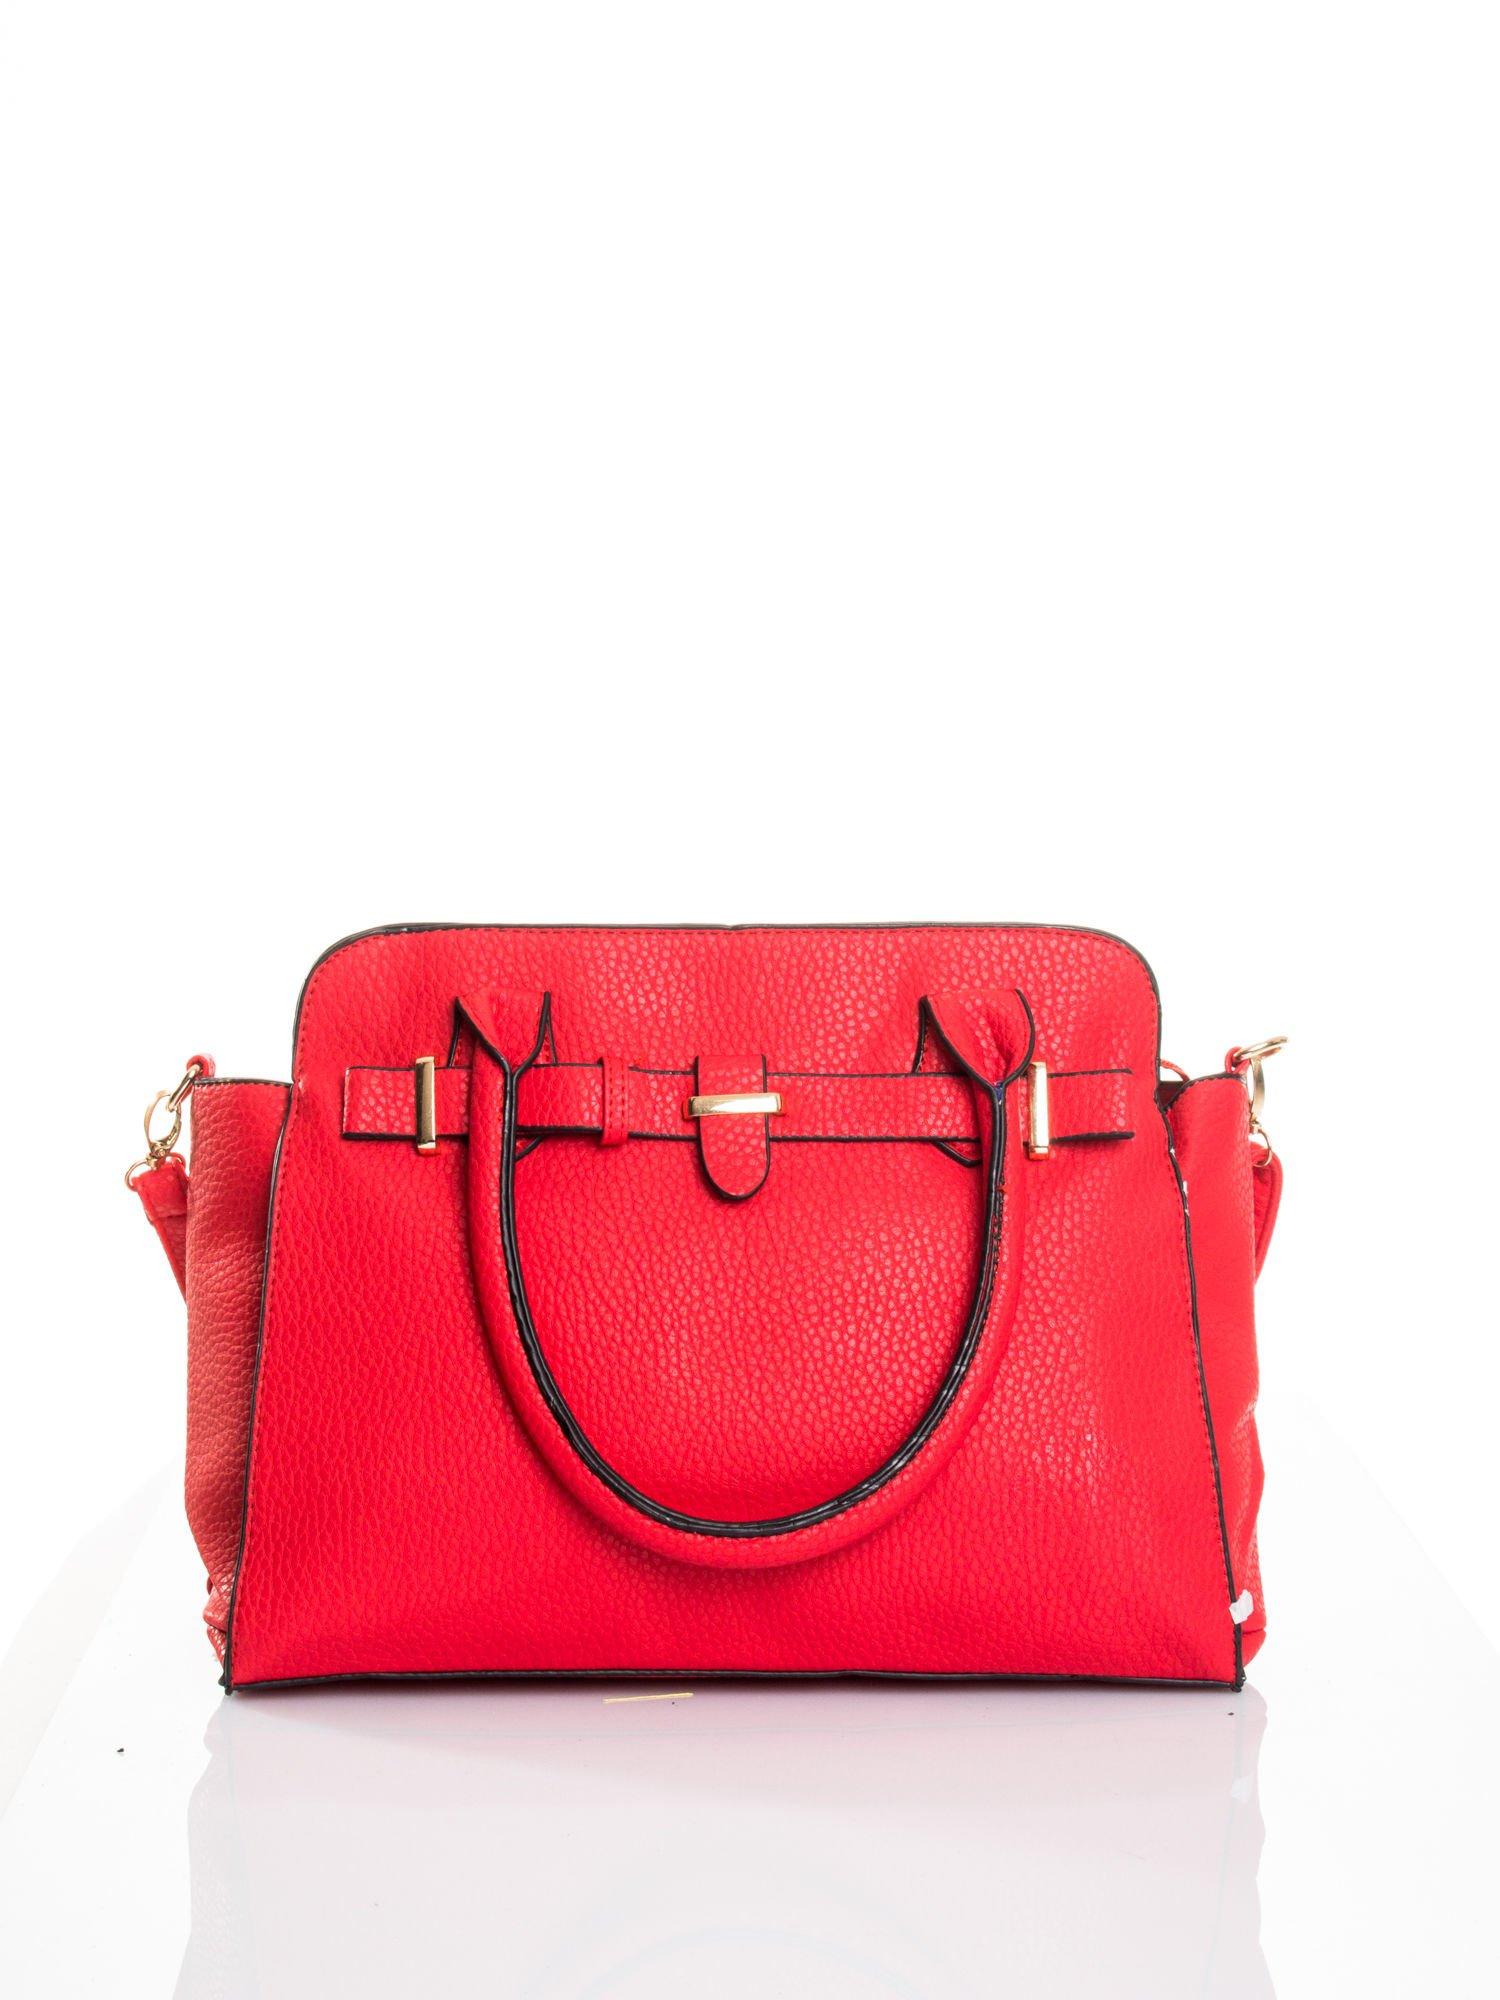 Czerwona torba z klamrami z odpinanym paskiem                                  zdj.                                  1